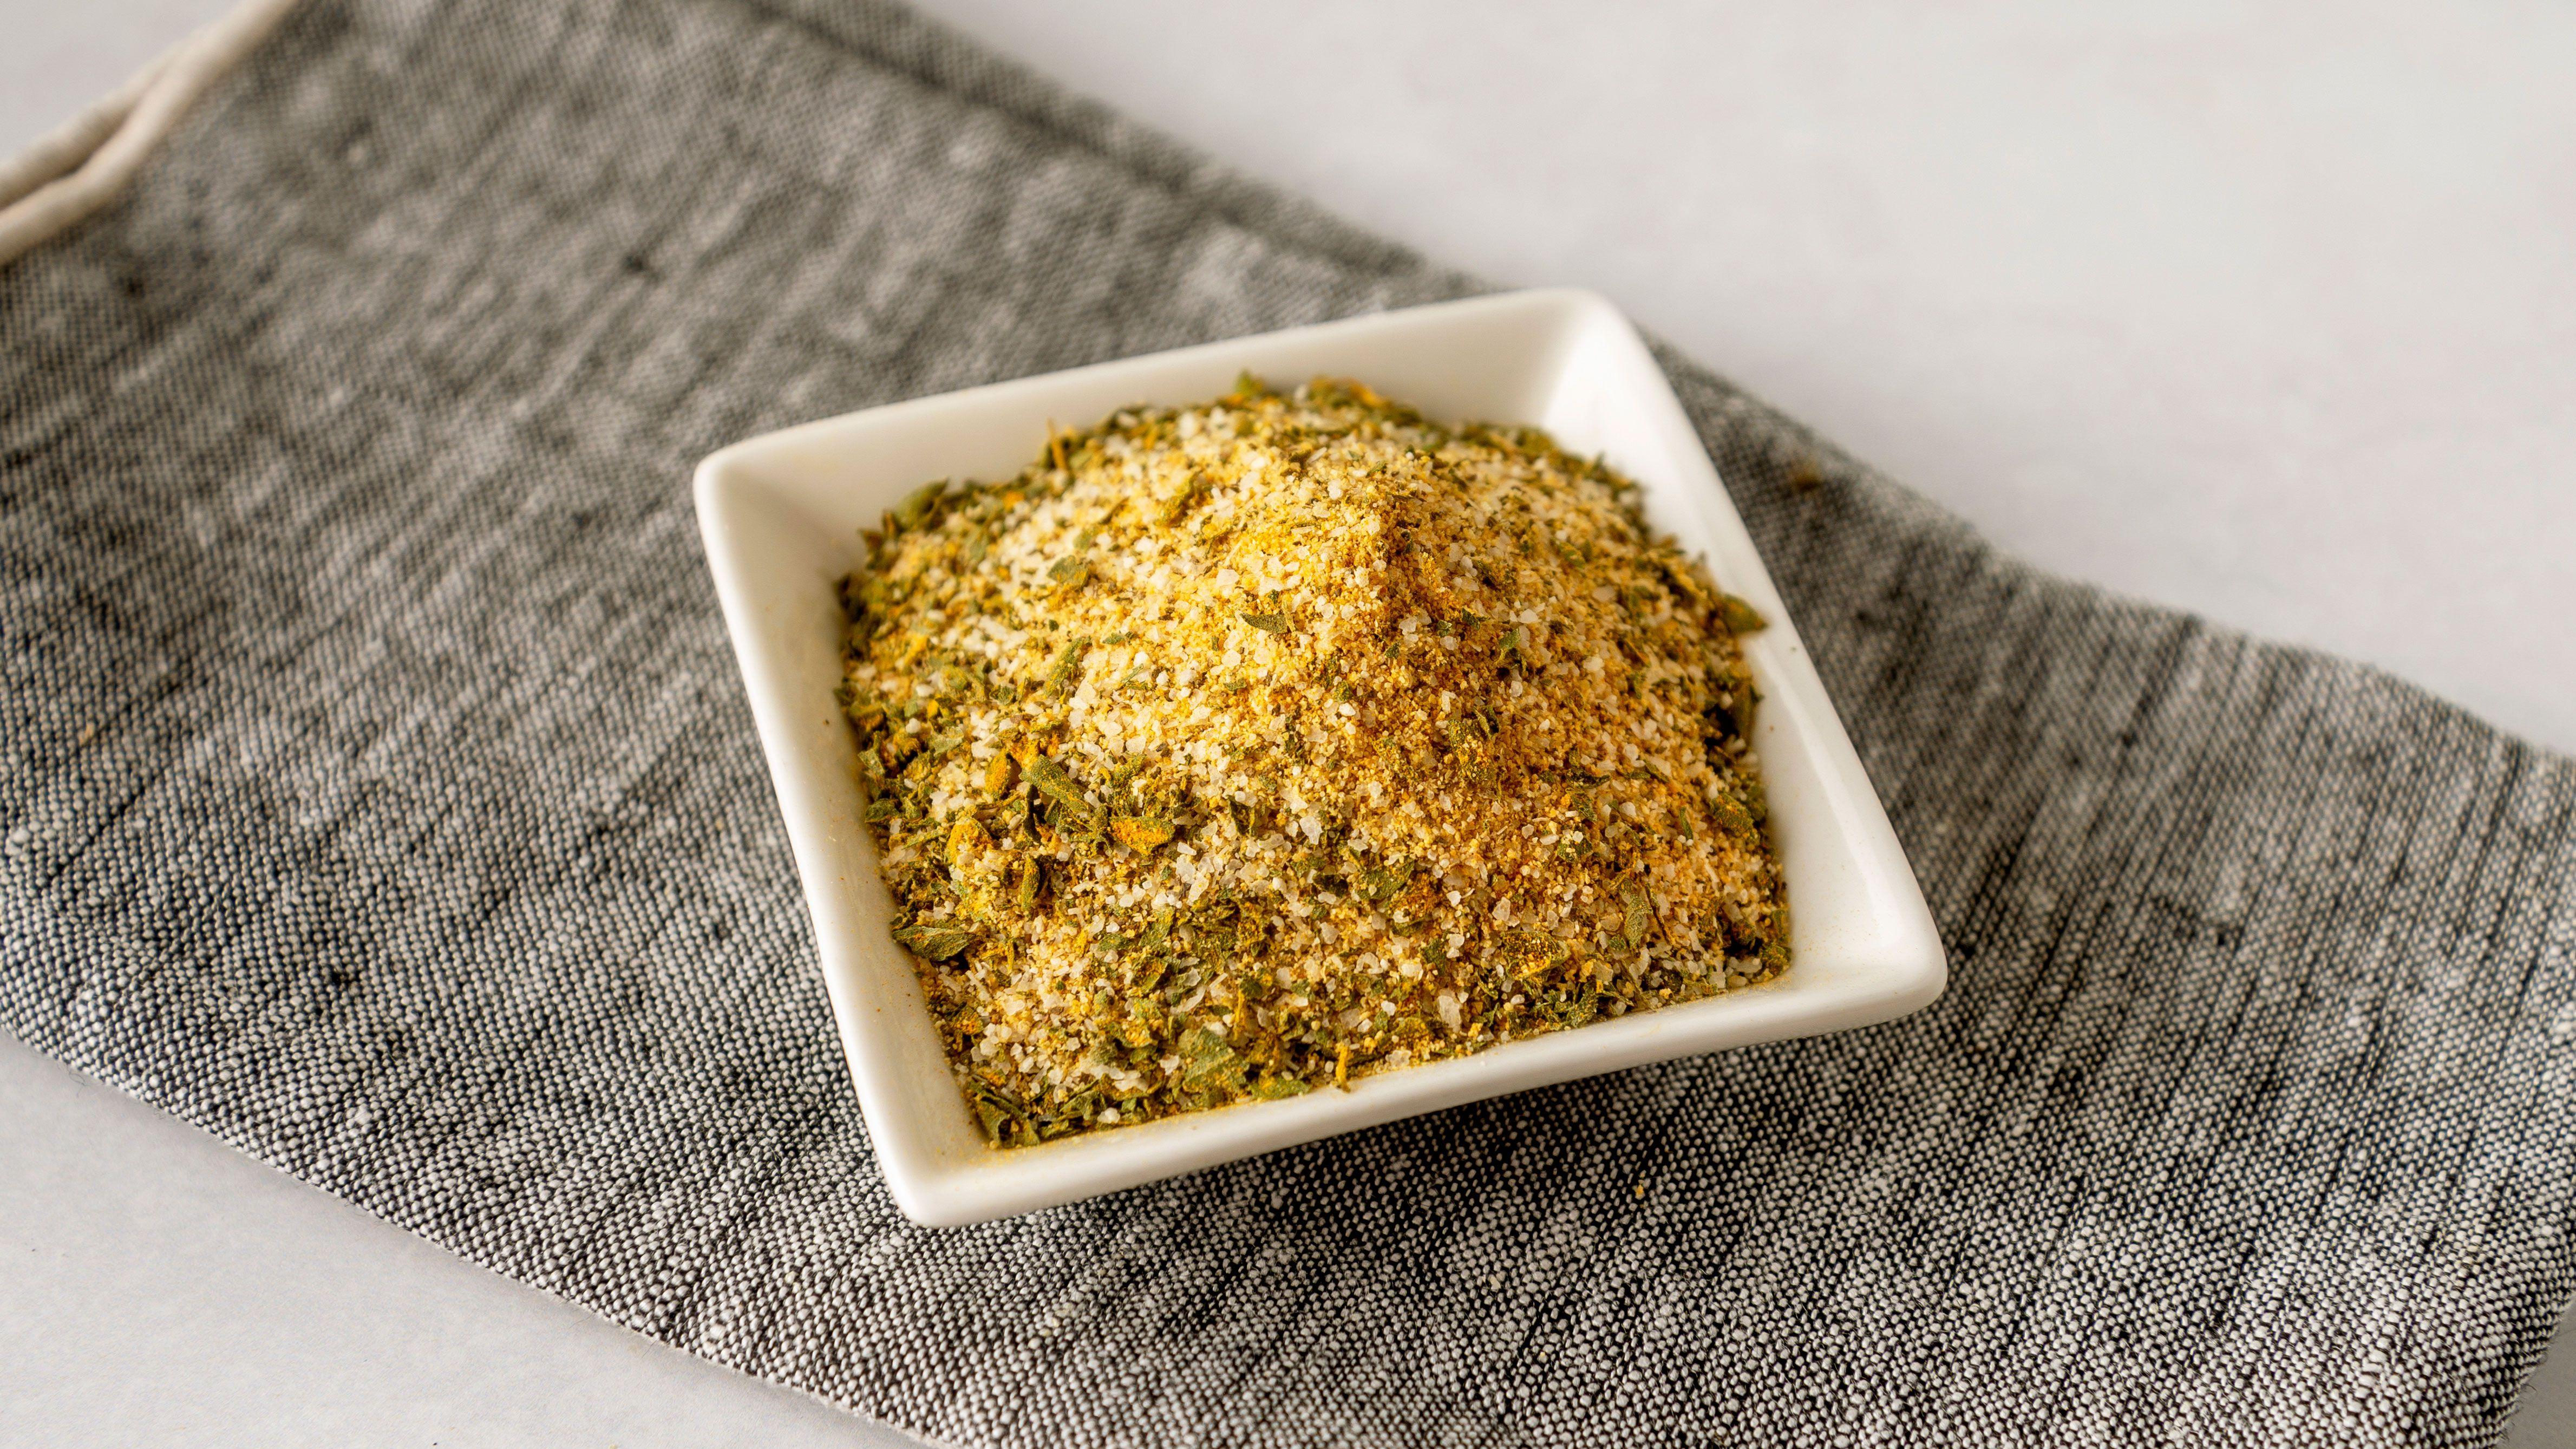 Adobo Seco Dry Rub Seasoning Recipe